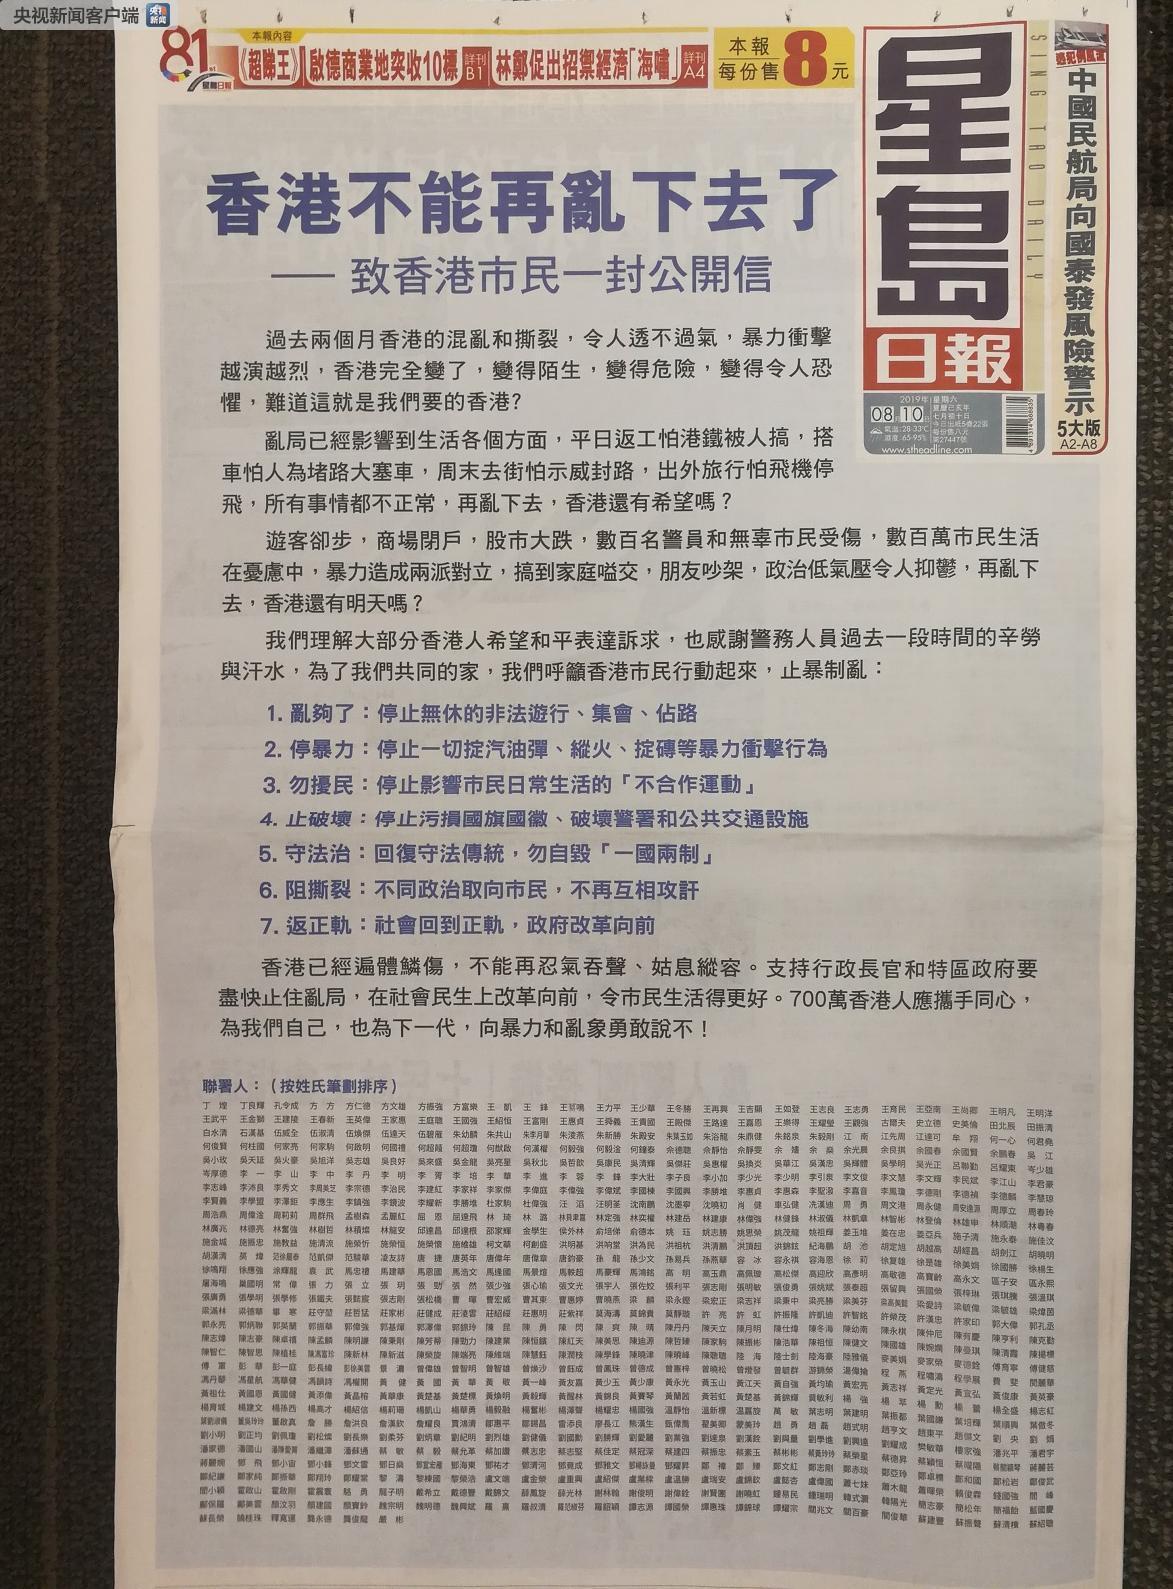 △ 《星岛日报》刊登《香港不能再乱下去了》